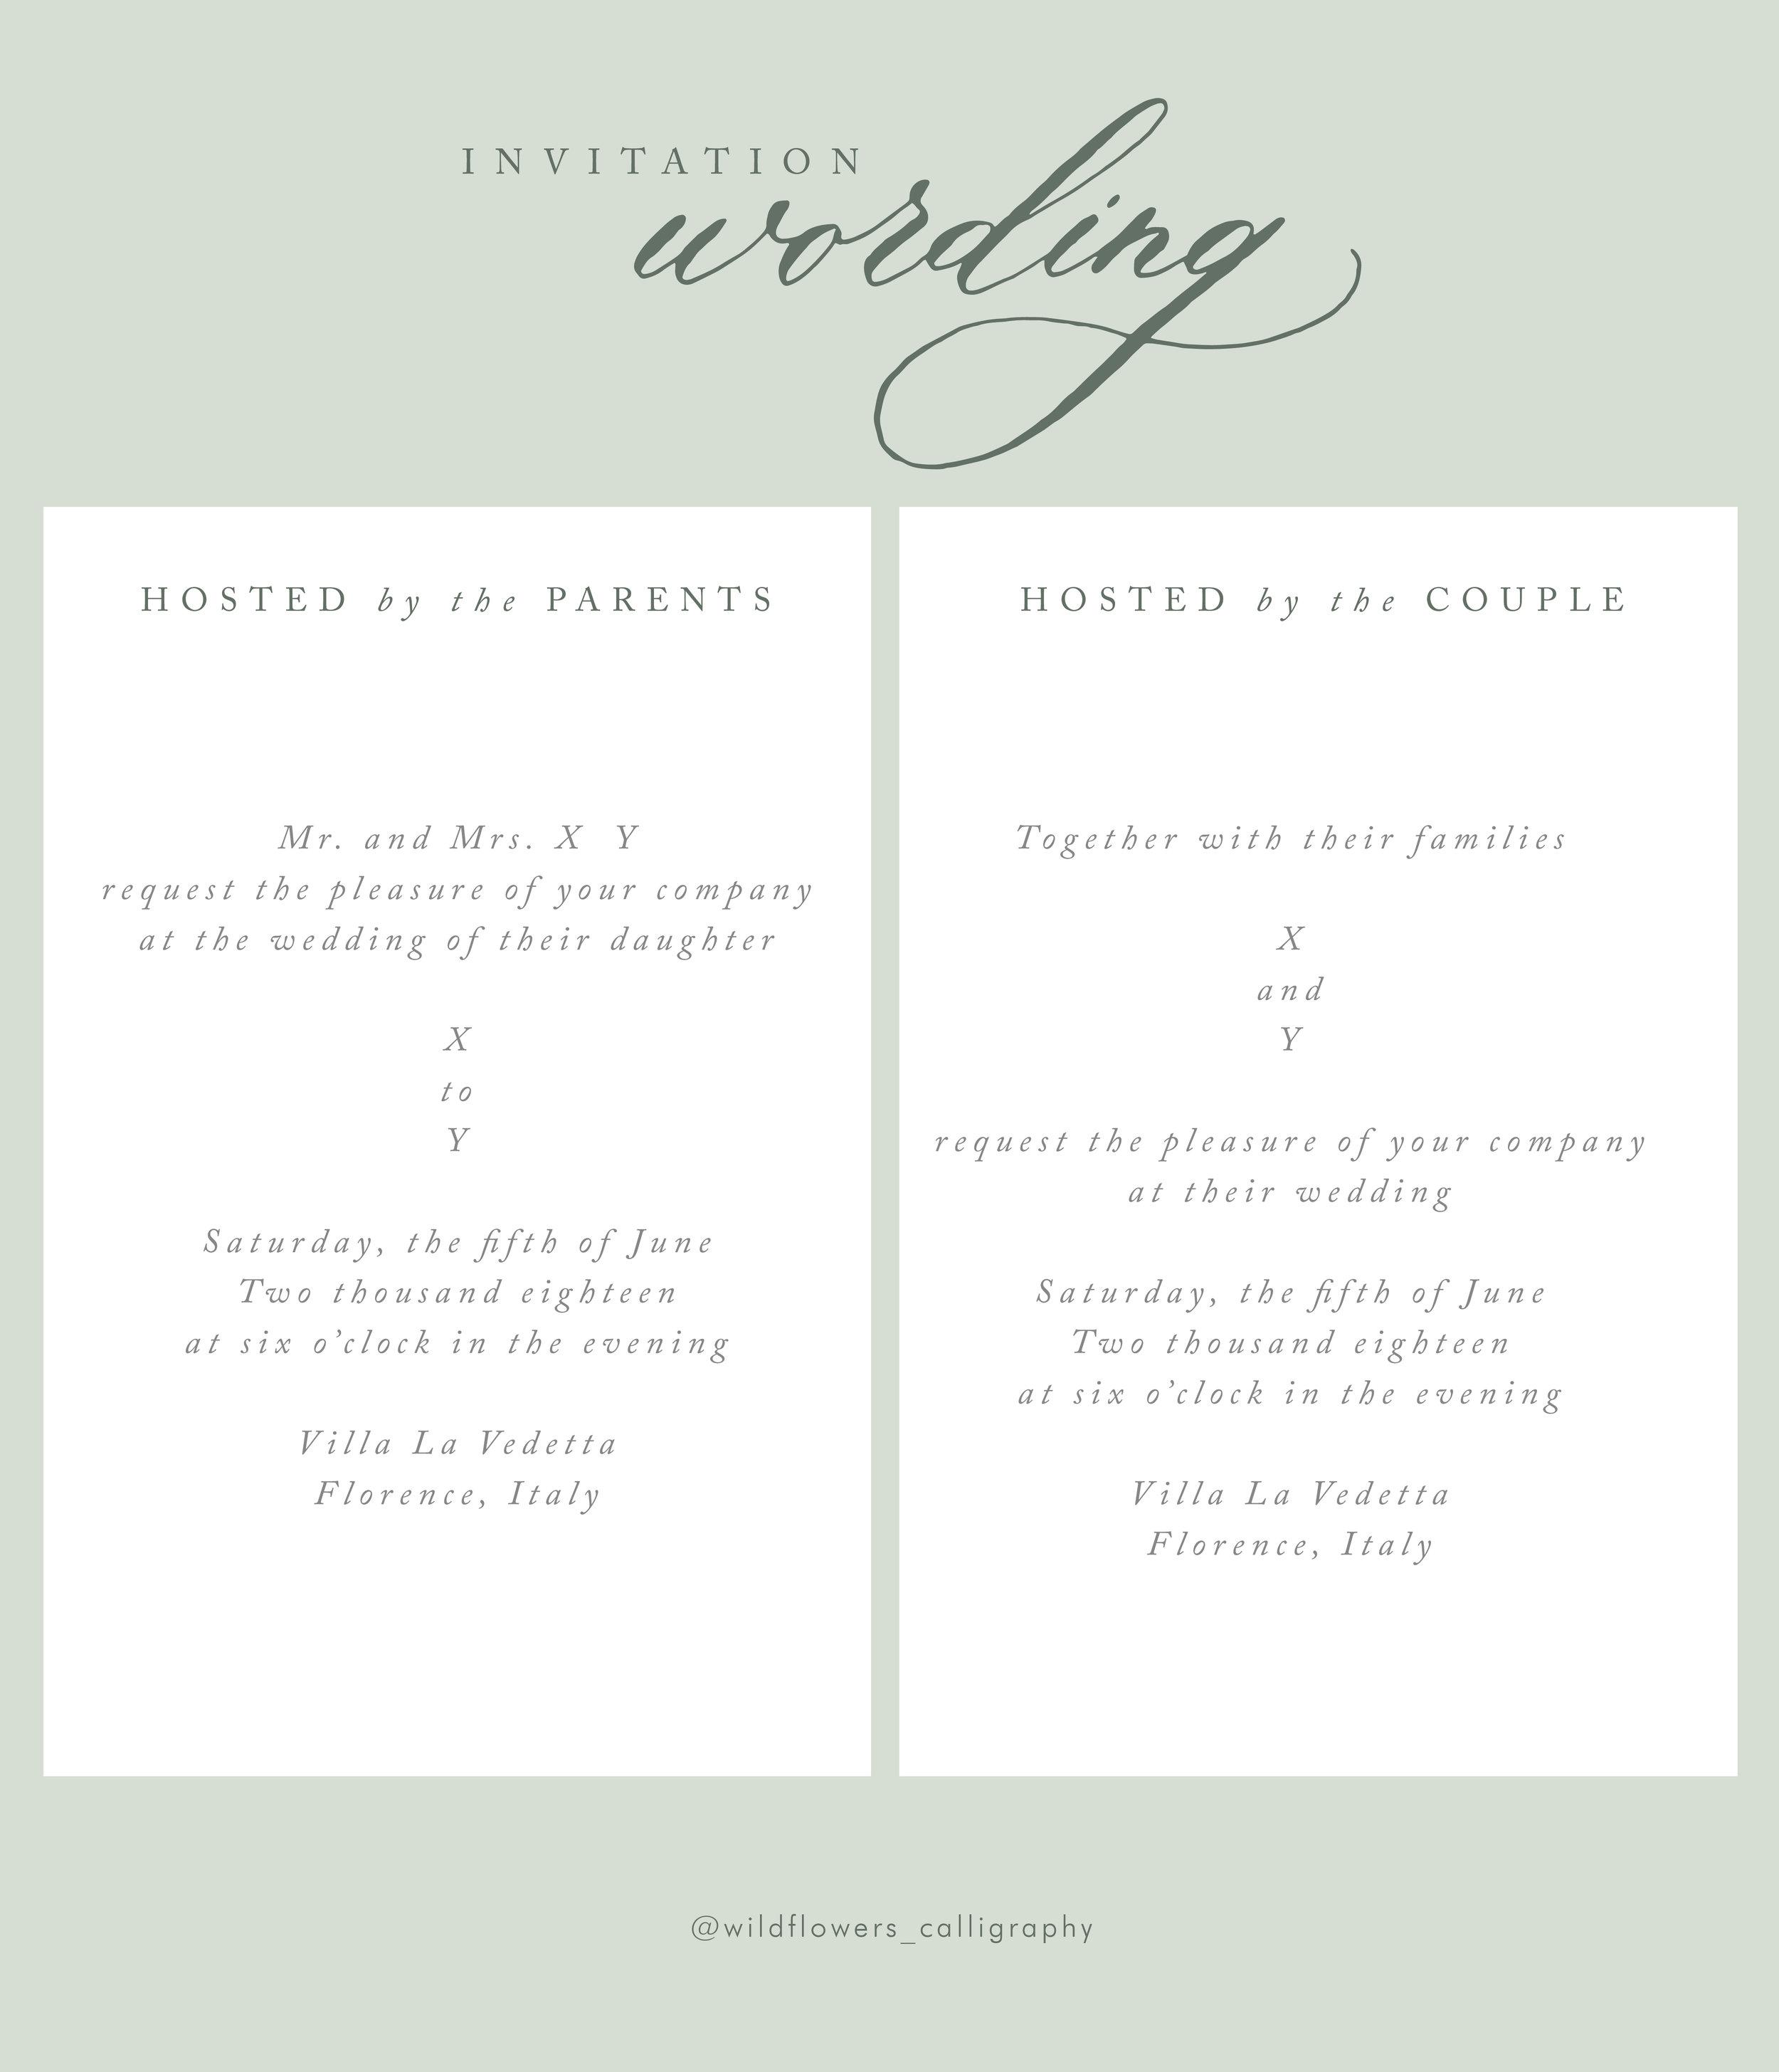 Partecipazioni Di Matrimonio Cosa Scrivere.Wildflowers Calligraphy Wedding Invitations 101 Cosa Scrivere